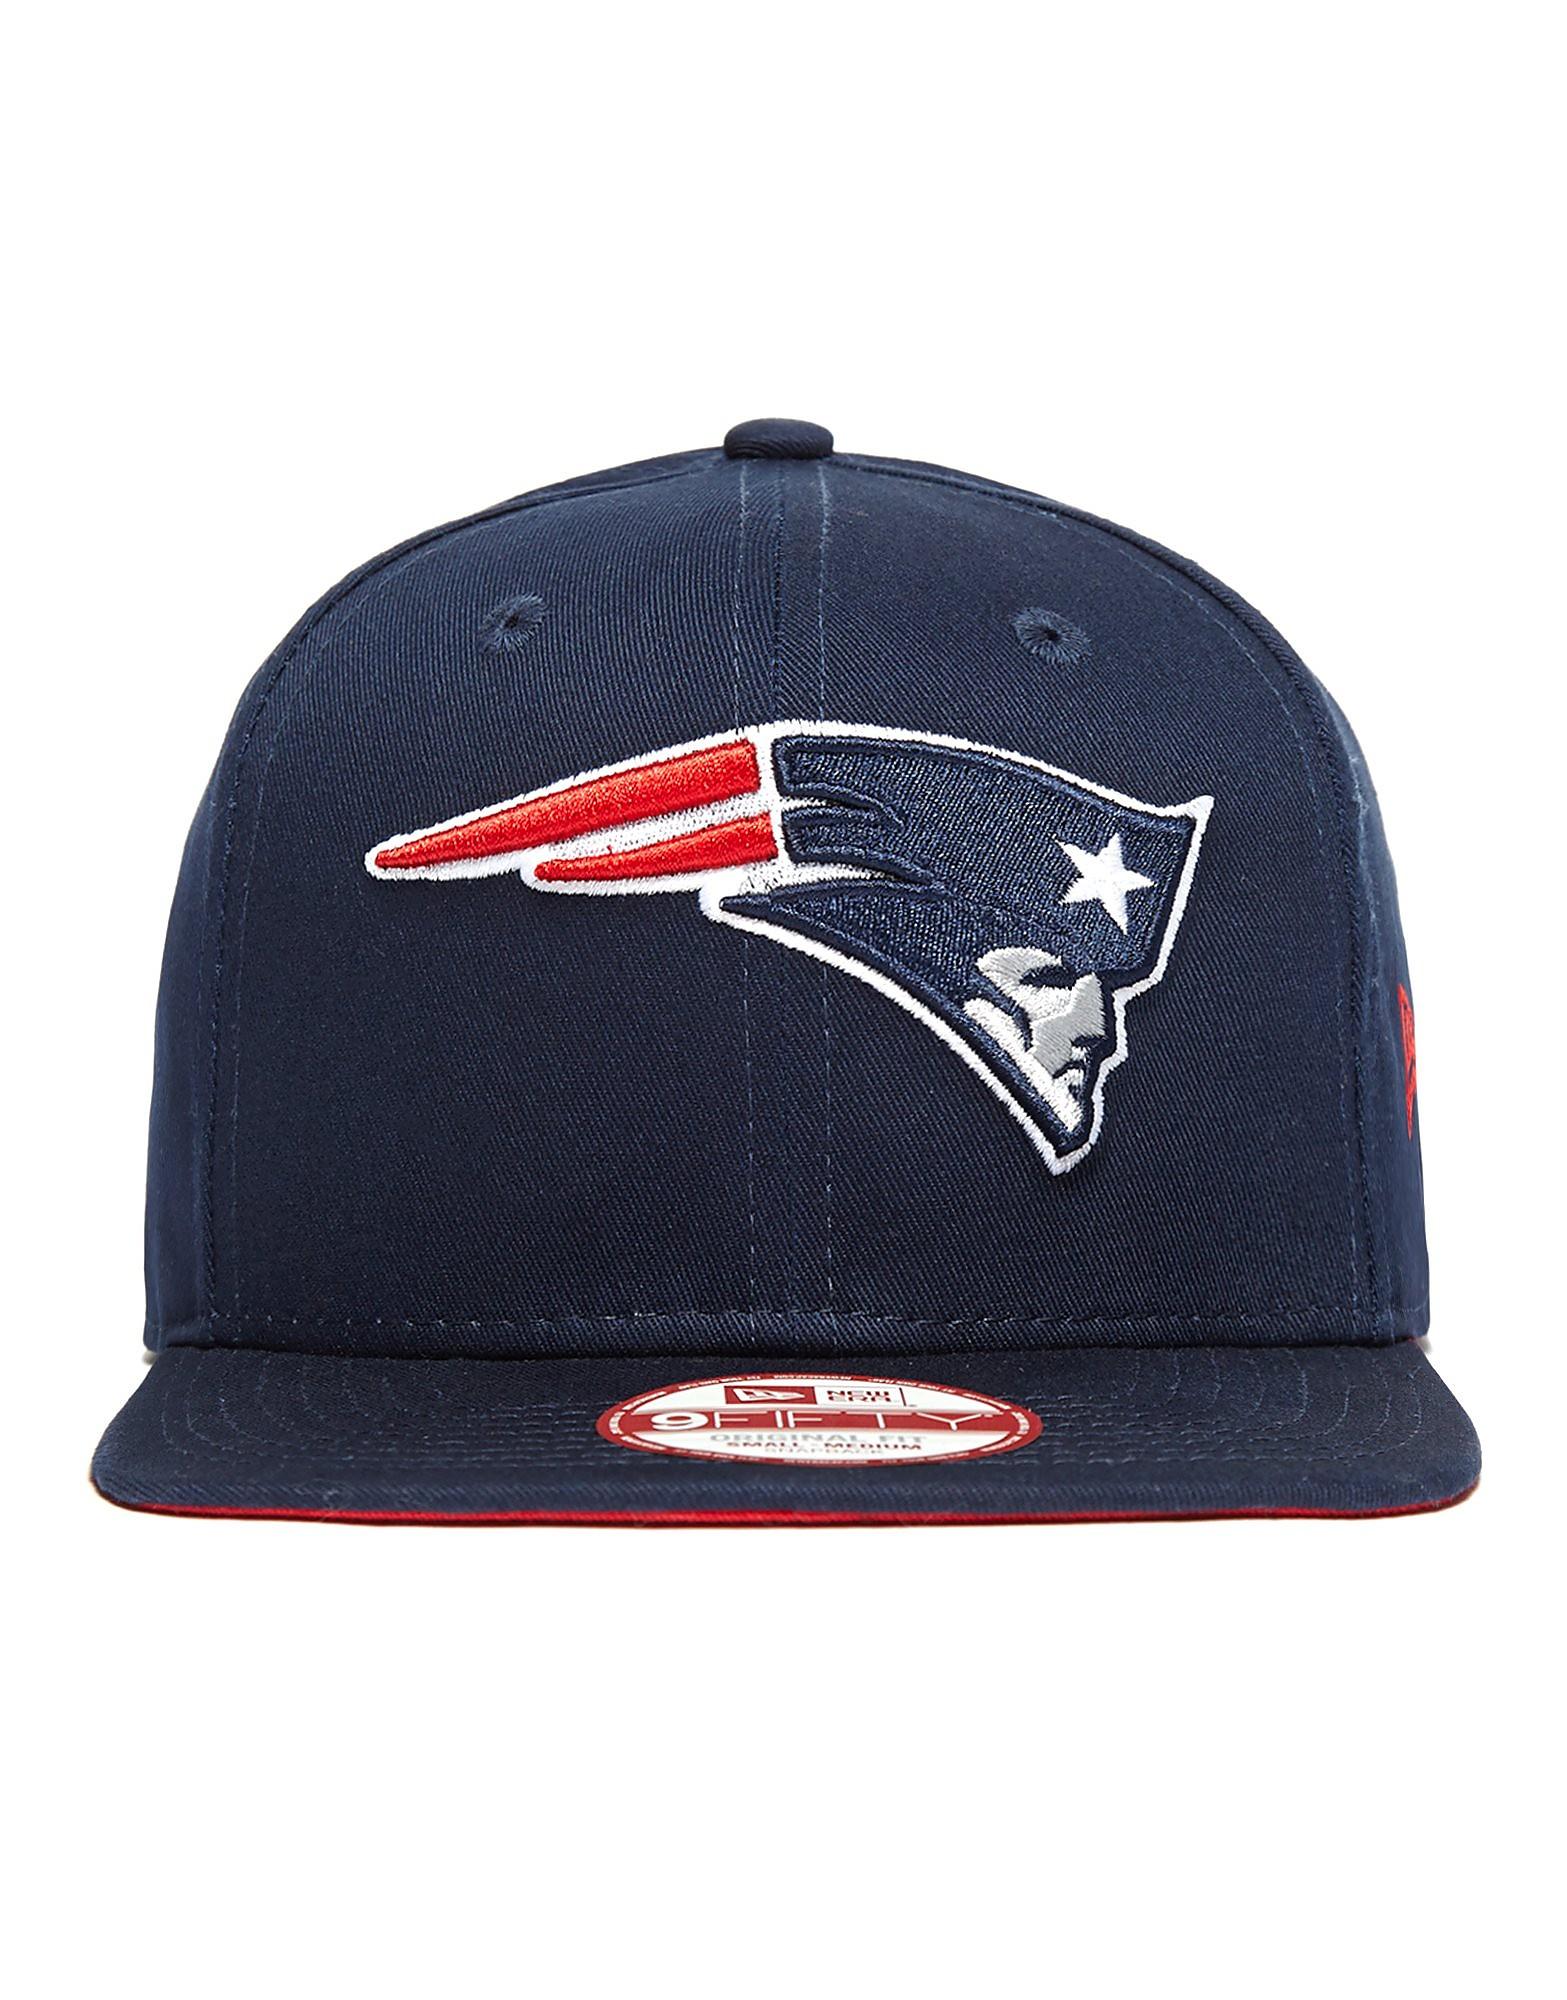 New Era 9FIFTY NFL New England Patriots Snapback Cap